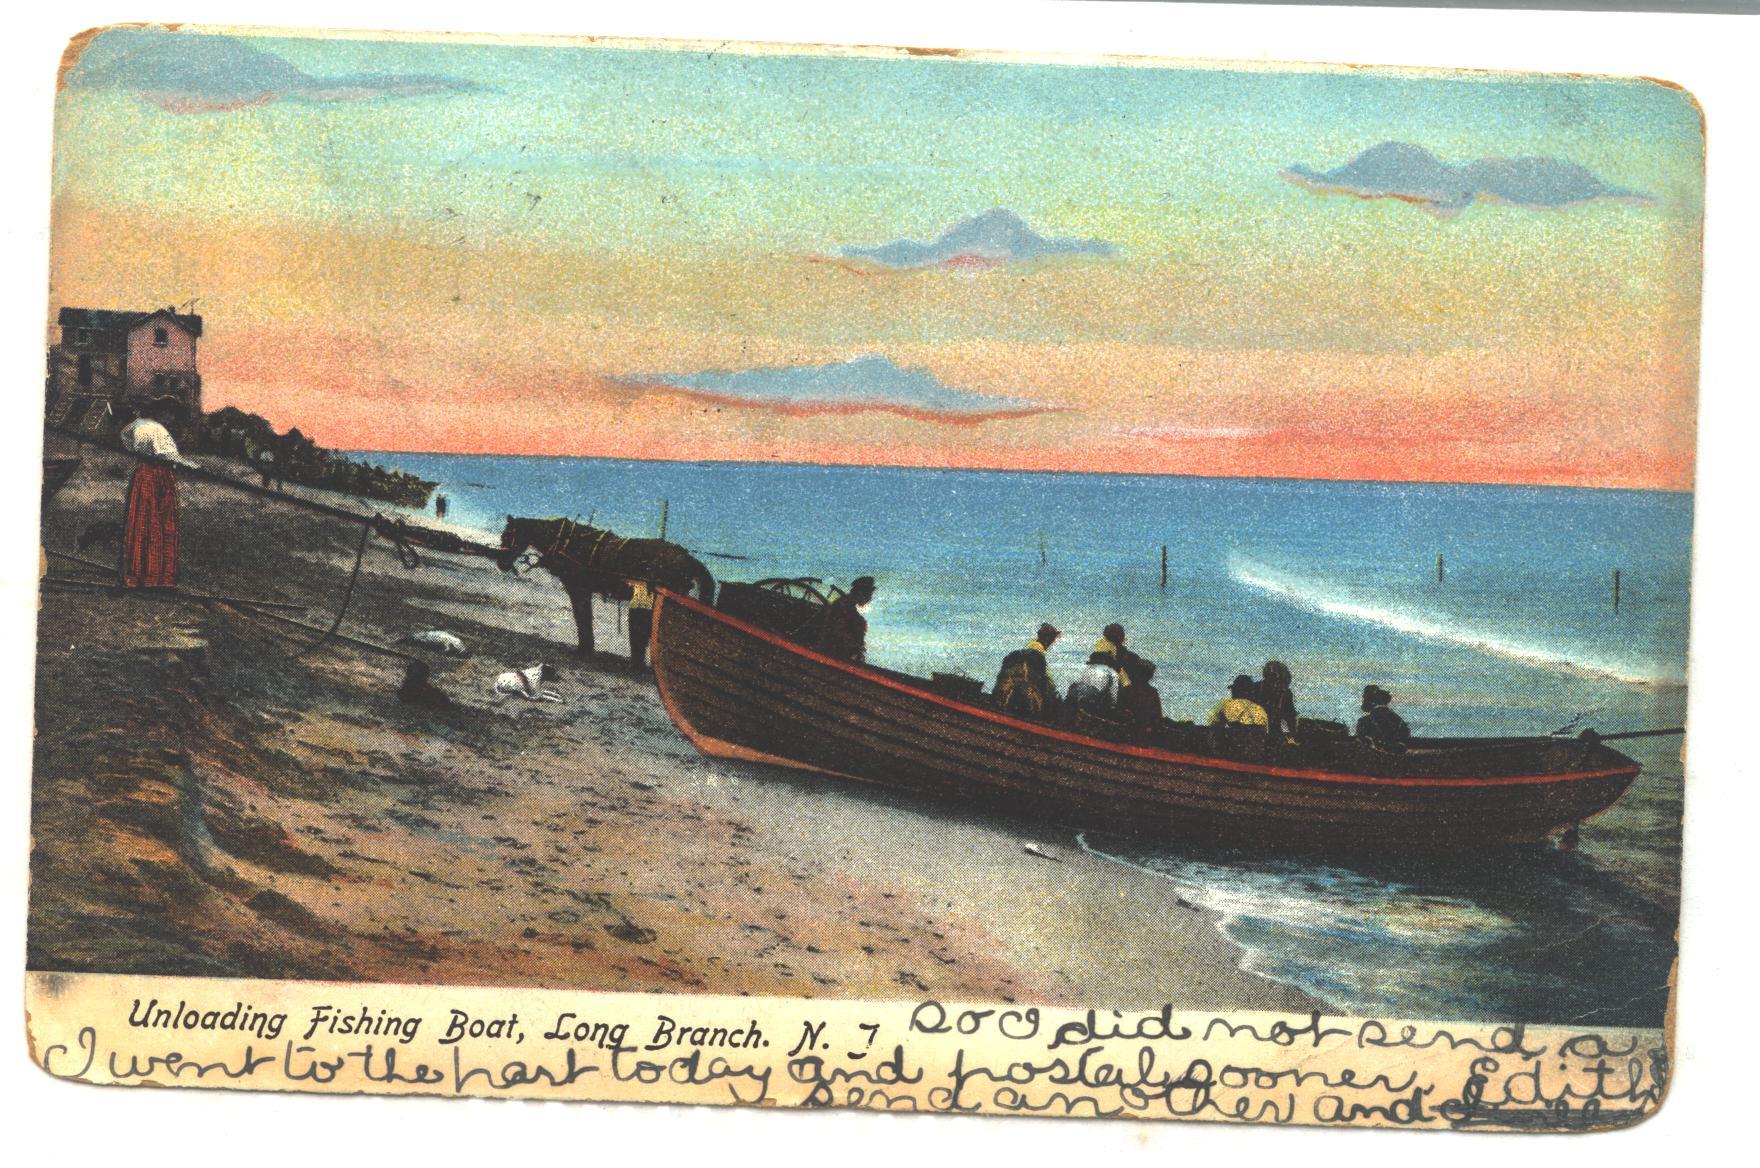 1906 Unloading Fishing Boat